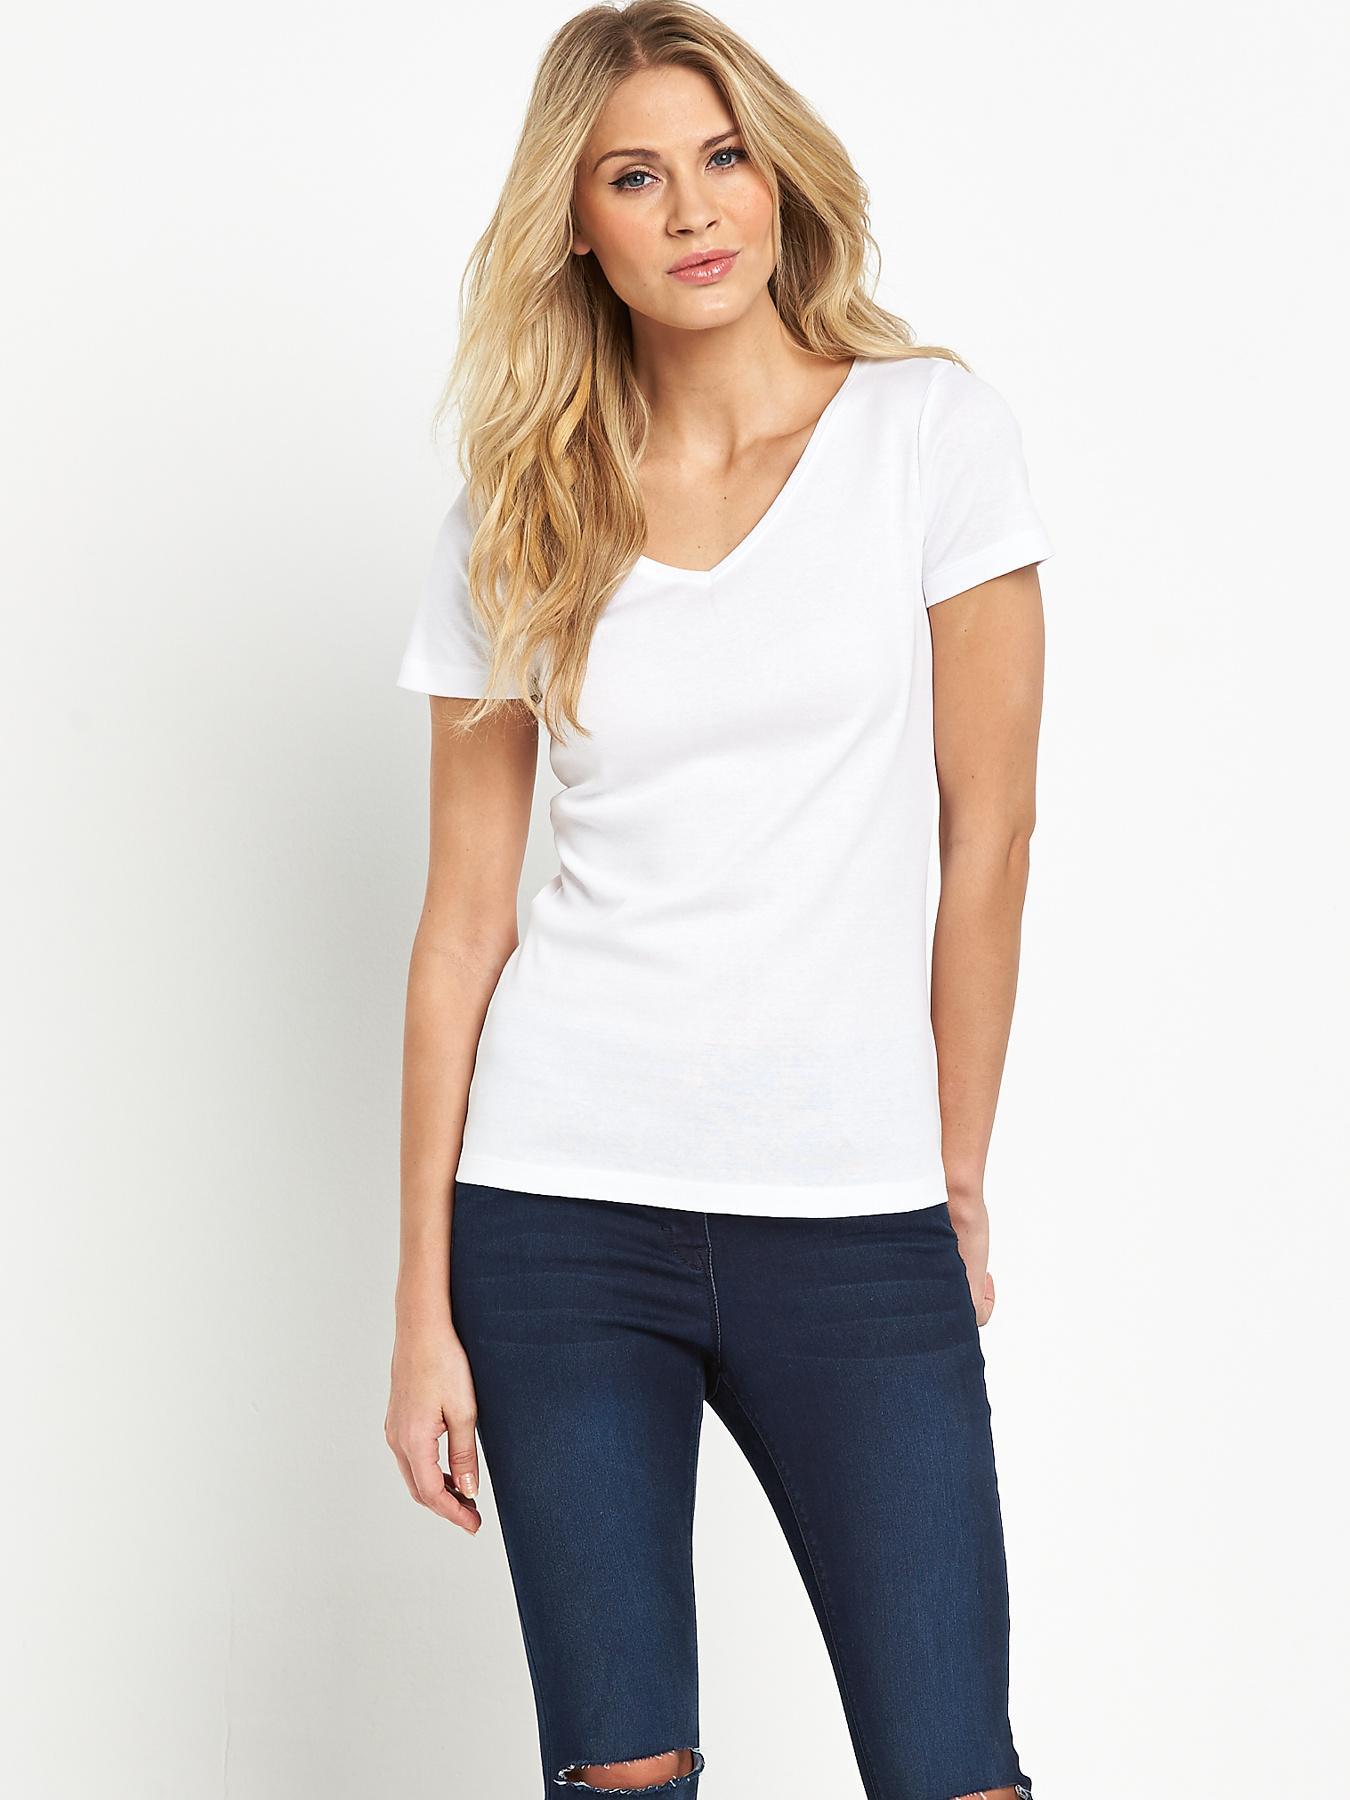 Short Sleeved V-Neck Rib T-shirt, Navy,White,Black,Khaki,Grey at Littlewoods